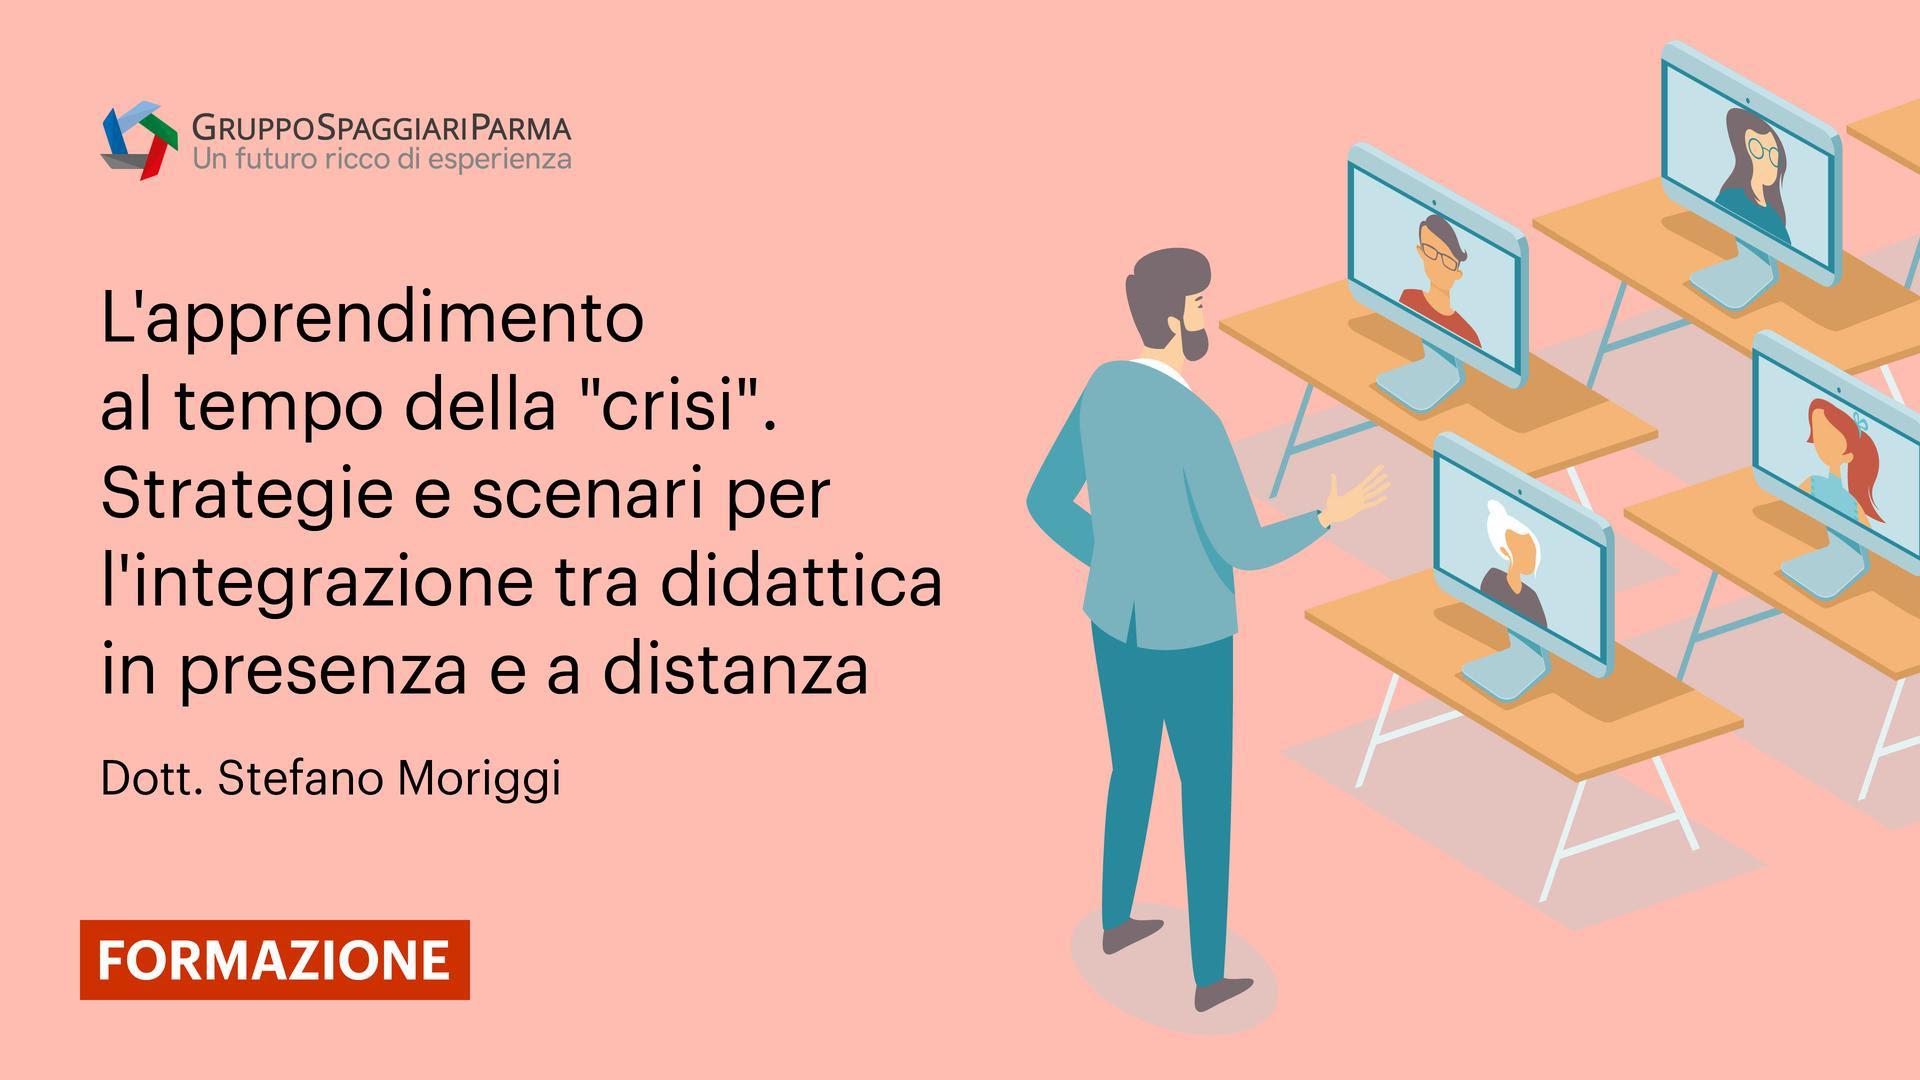 L'apprendimento al tempo della ''crisi''. Strategie e scenari per l'integrazione tra didattica in presenza e a distanza - Dott. Stefano Moriggi